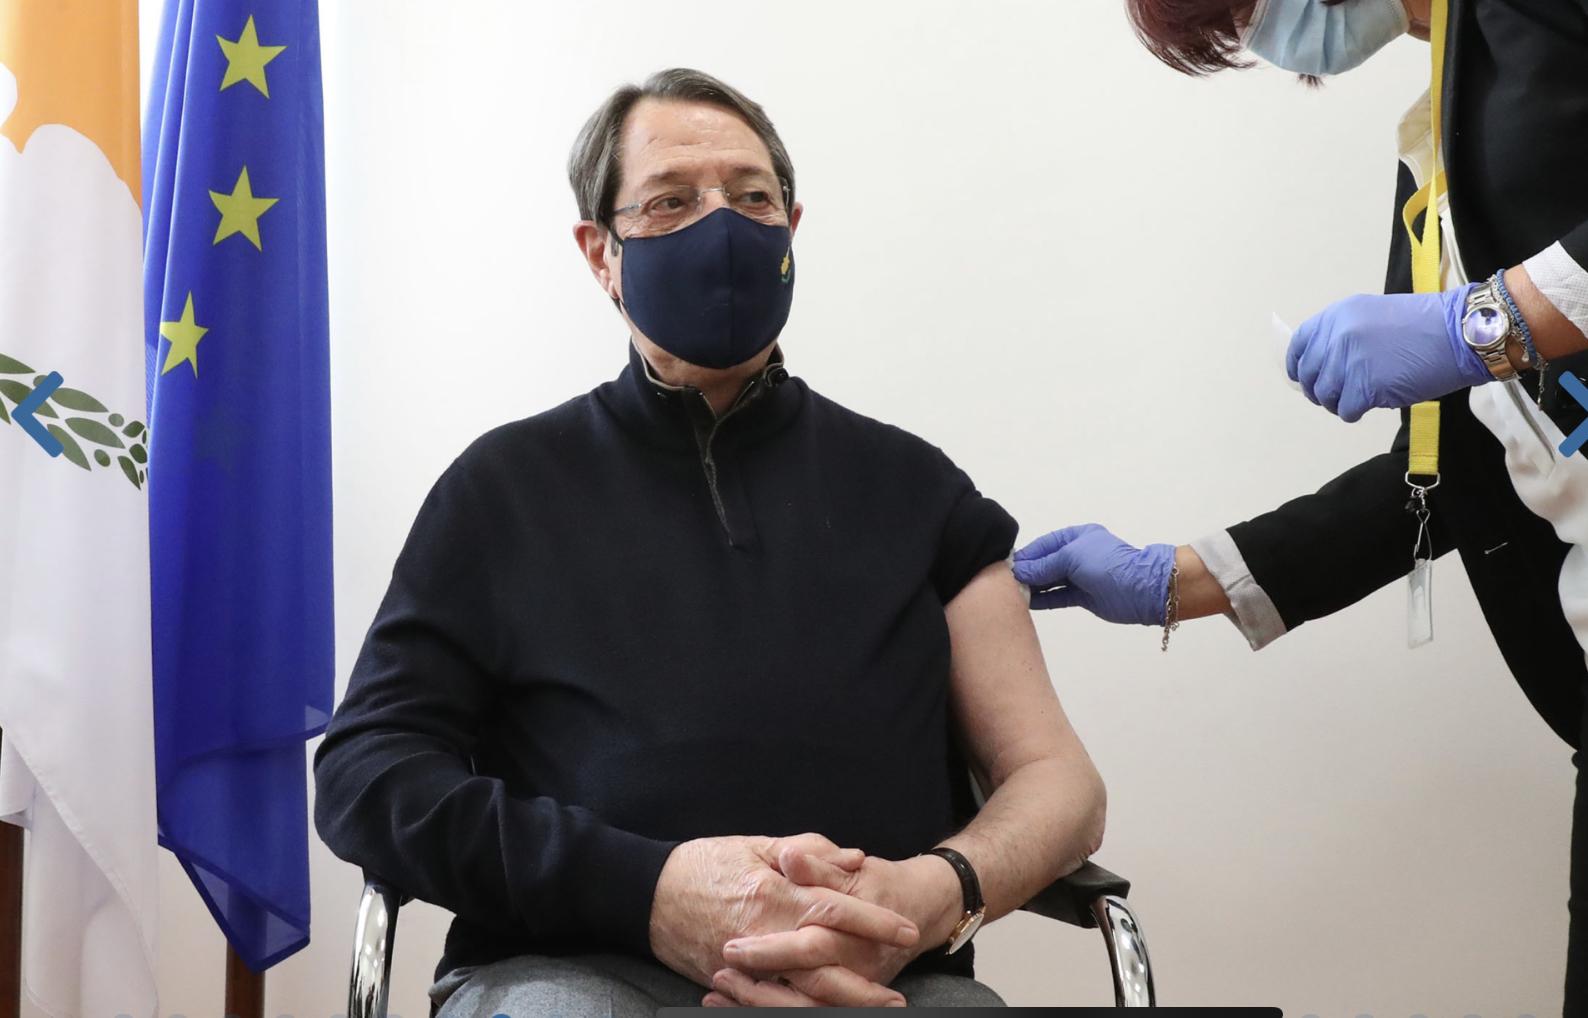 Κύπρος: Δώρο ζωής χαρακτήρισε το εμβόλιο κατά του κορωνοϊού ο Αναστασιάδης